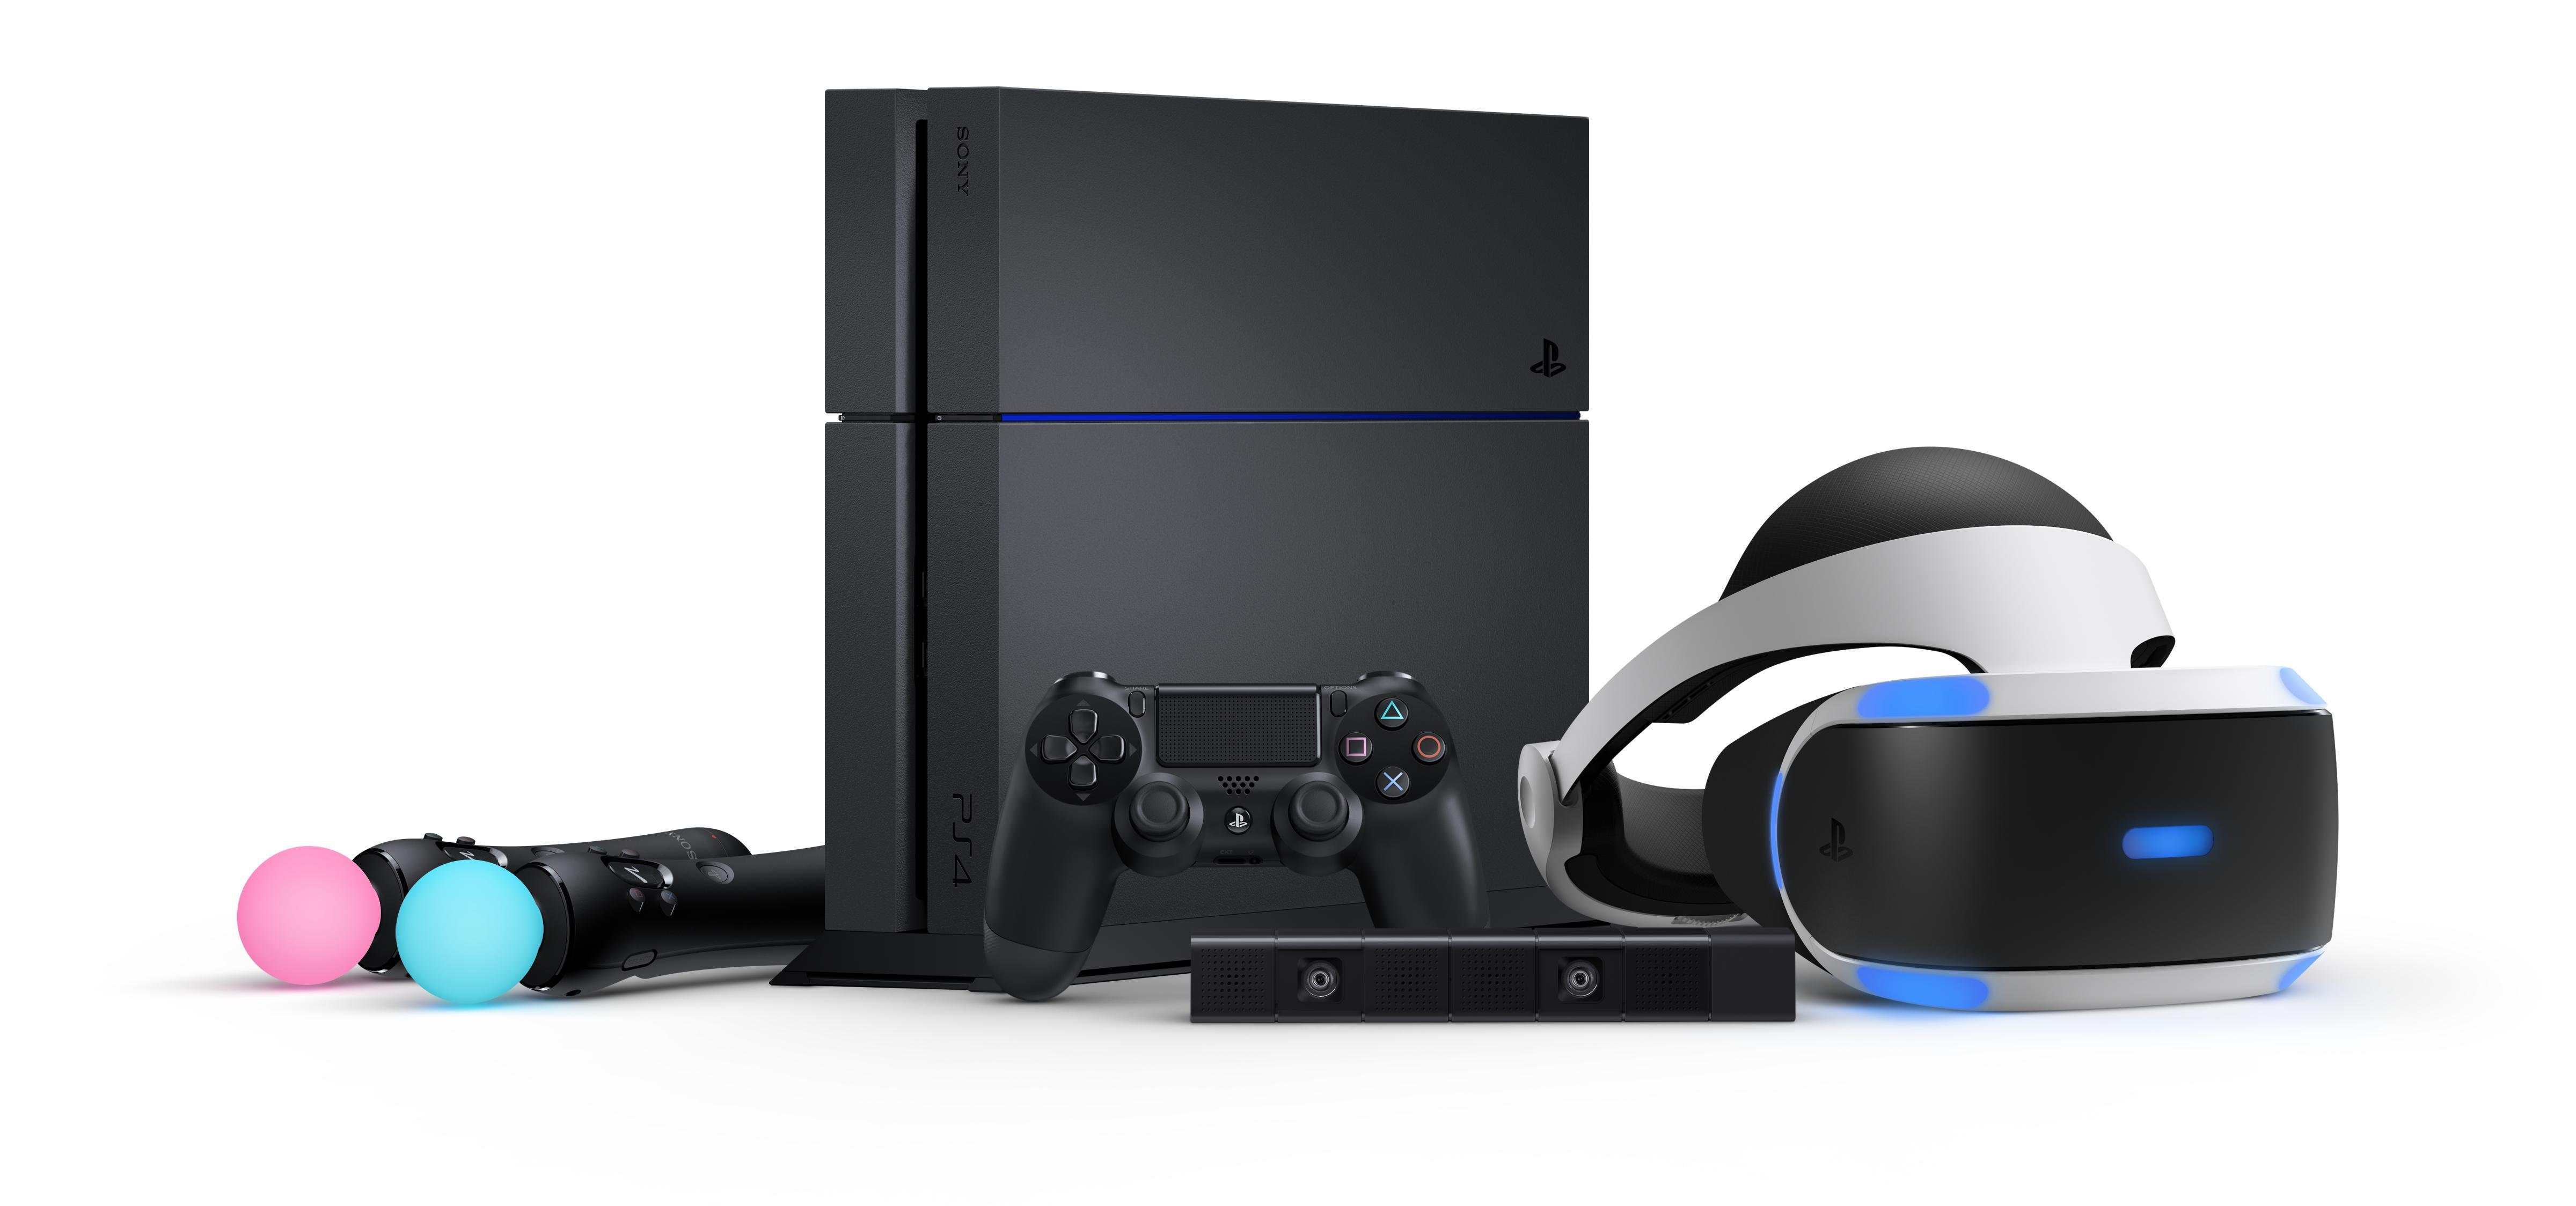 PS4 - PlayStation 4 Zubehör